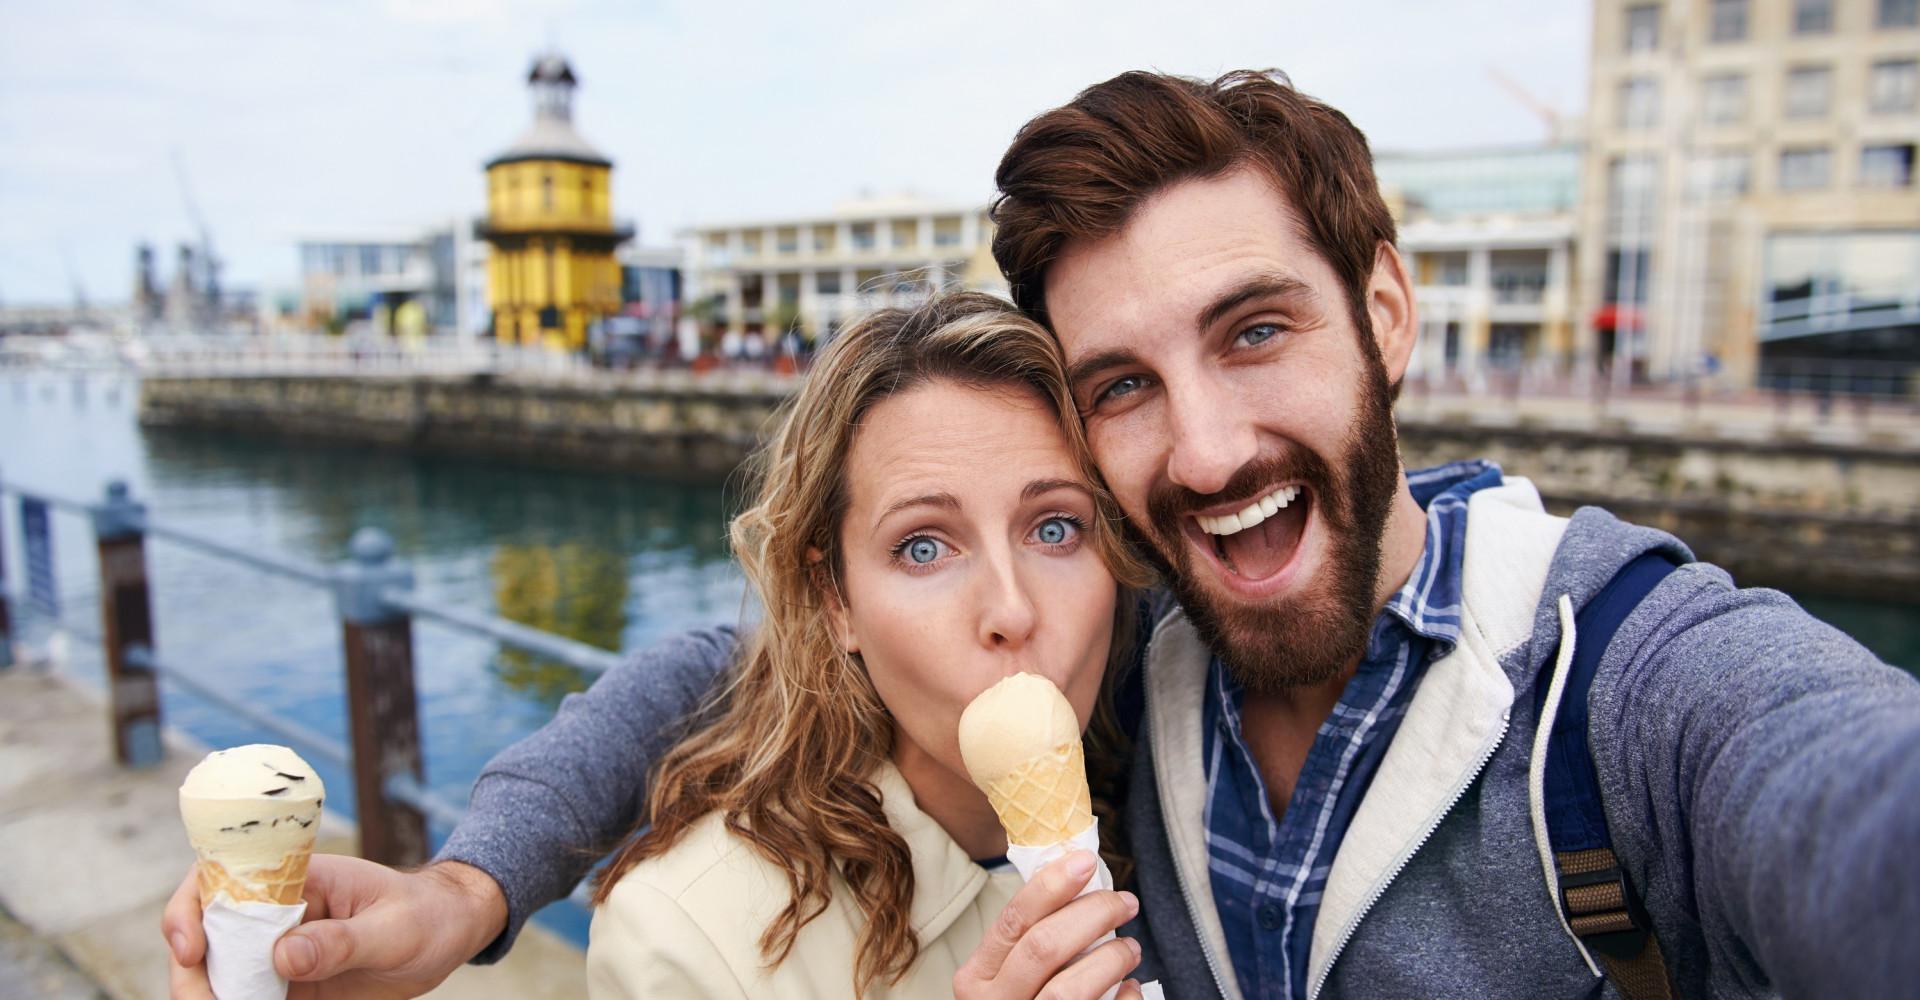 is het mogelijk om vrienden te zijn na het daten is online dating komen met de Sims 3 seizoenen